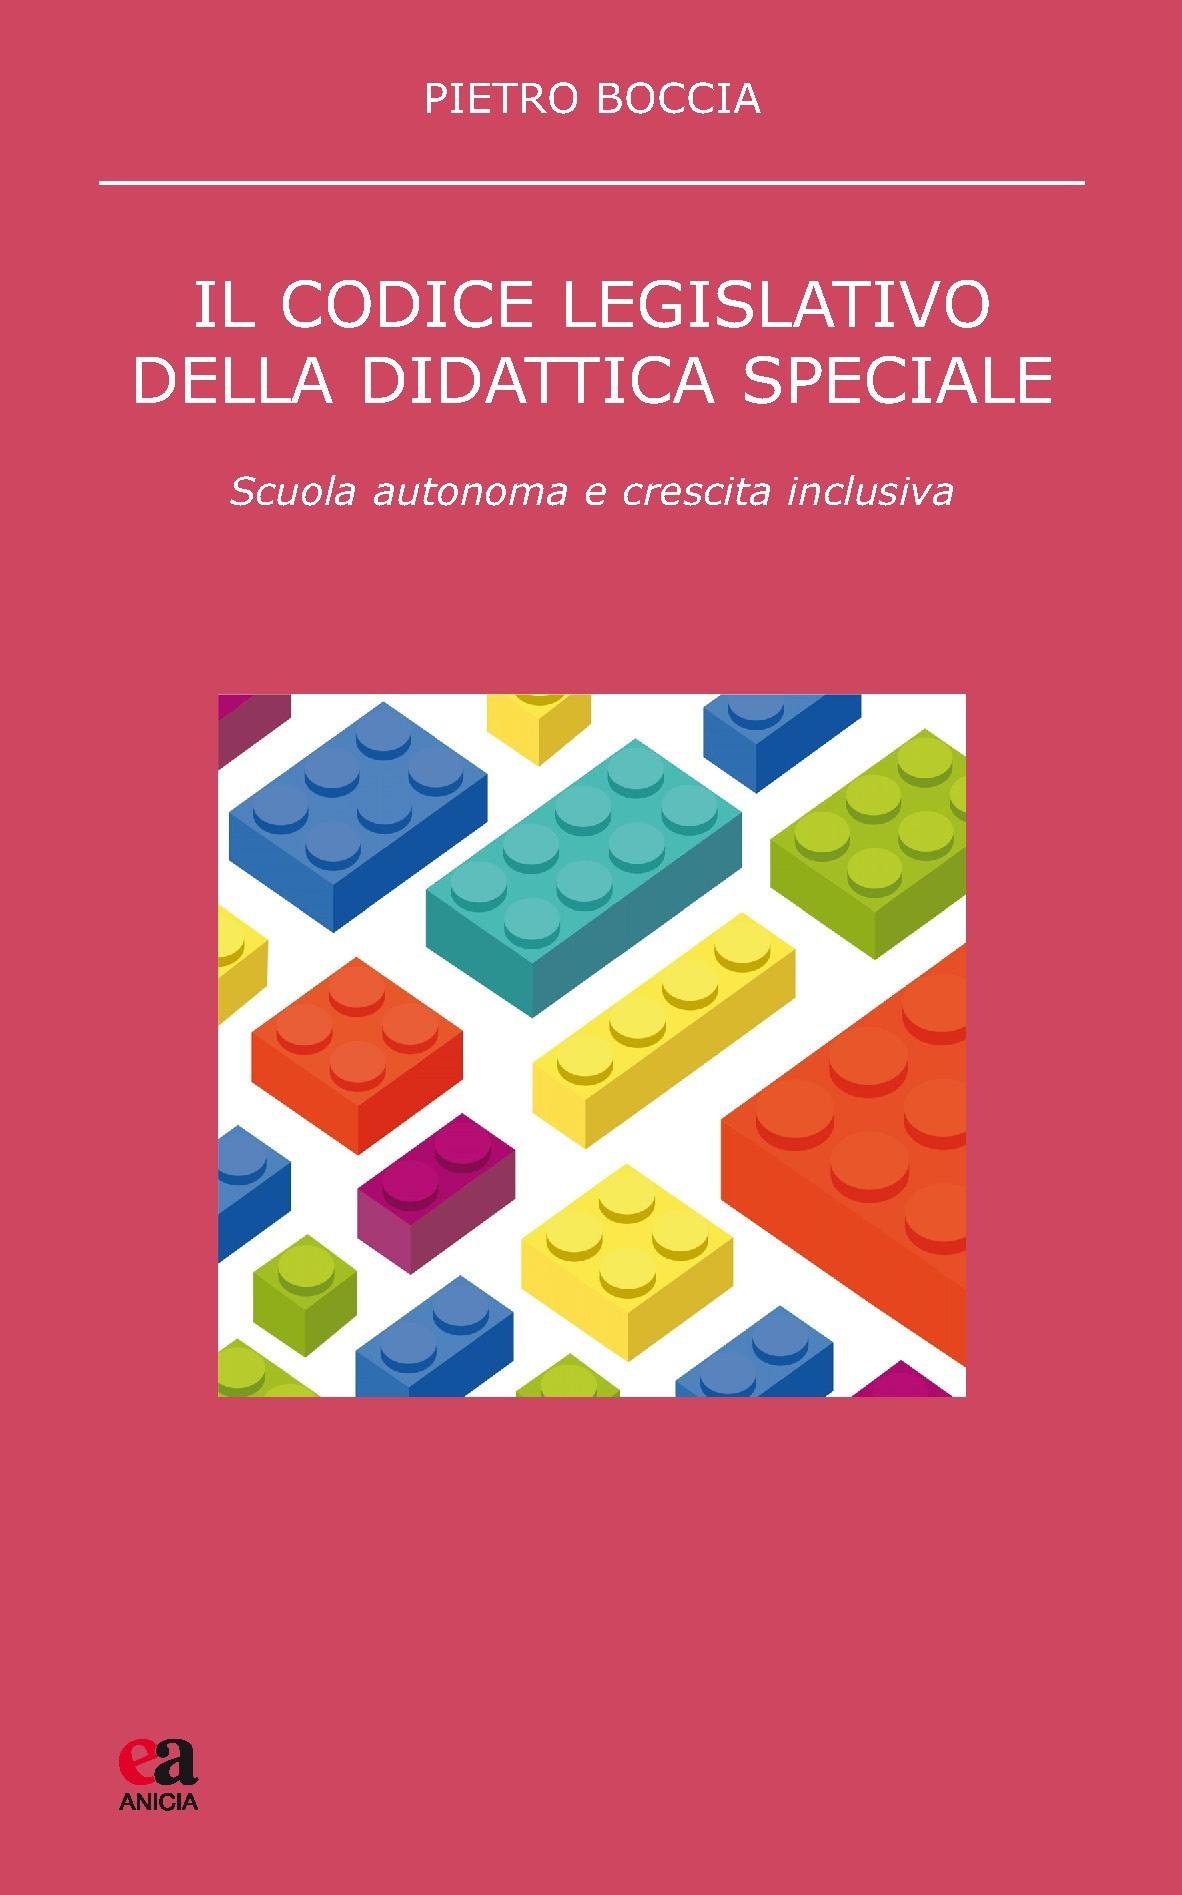 Il codice legislativo della didattica speciale